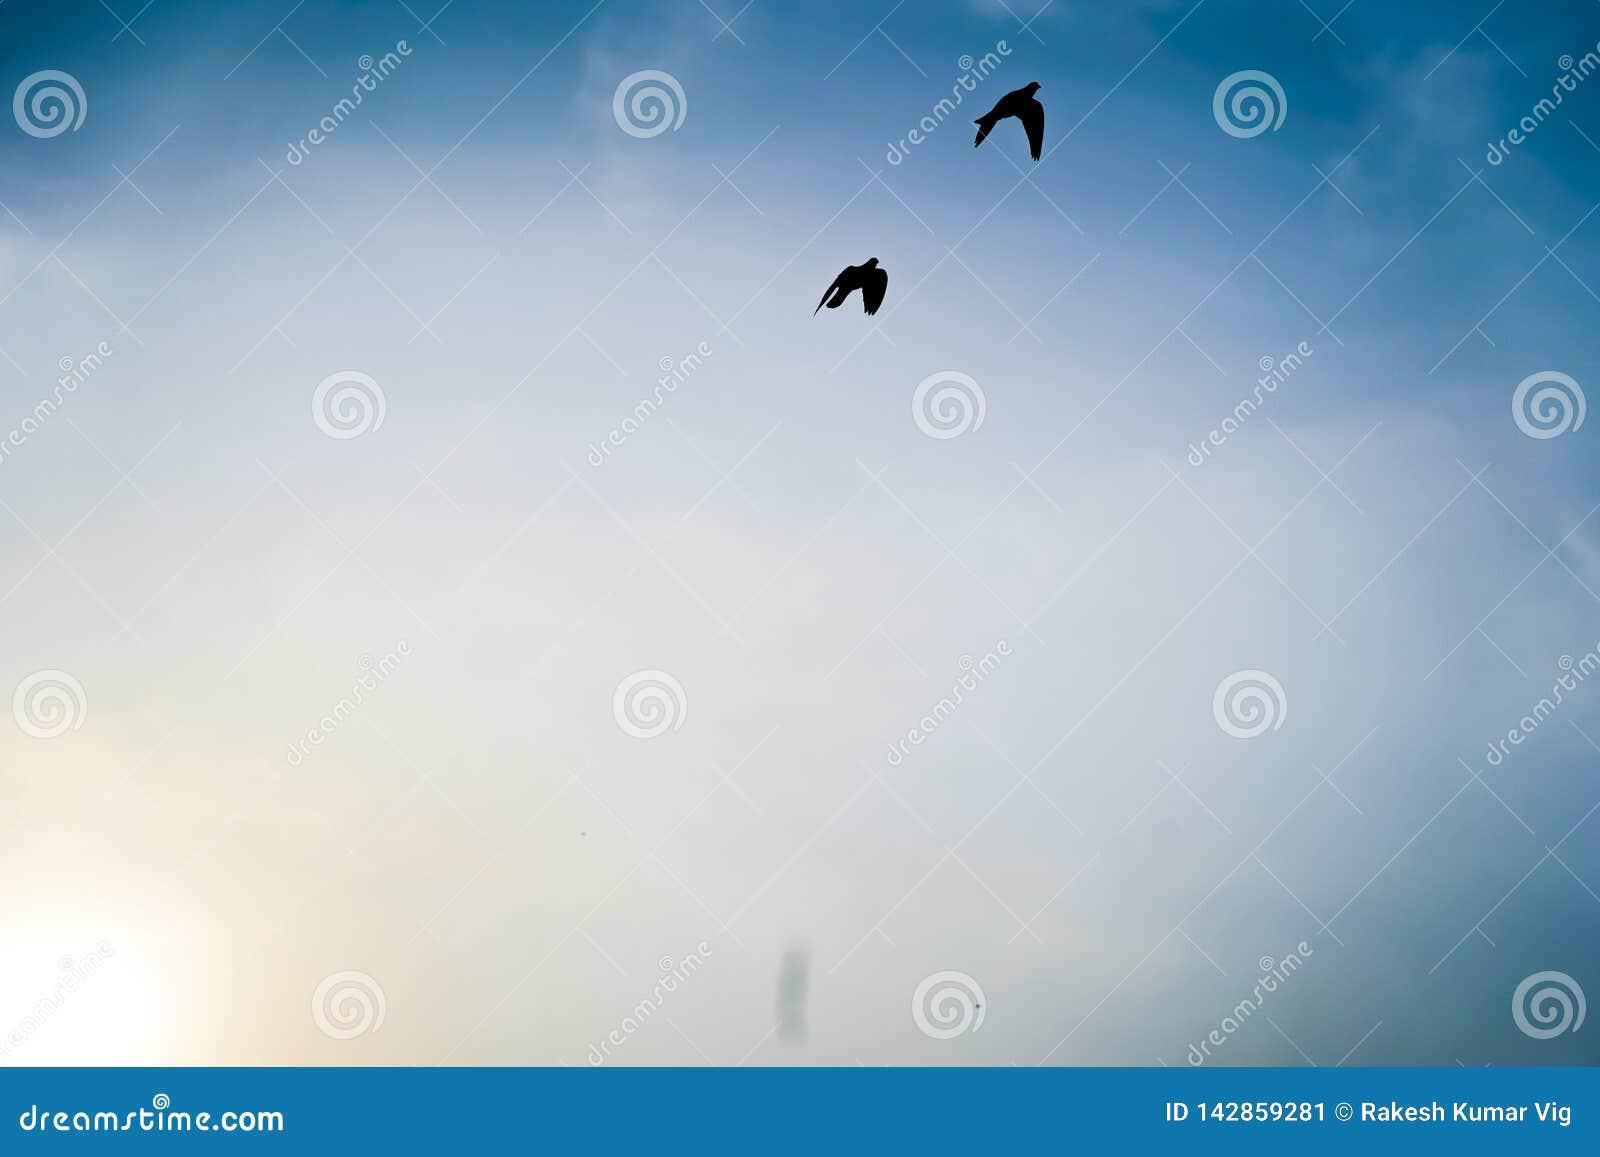 Verbazende vlucht van Duiven, tweelingduiven die met elkaar proberen te concurreren